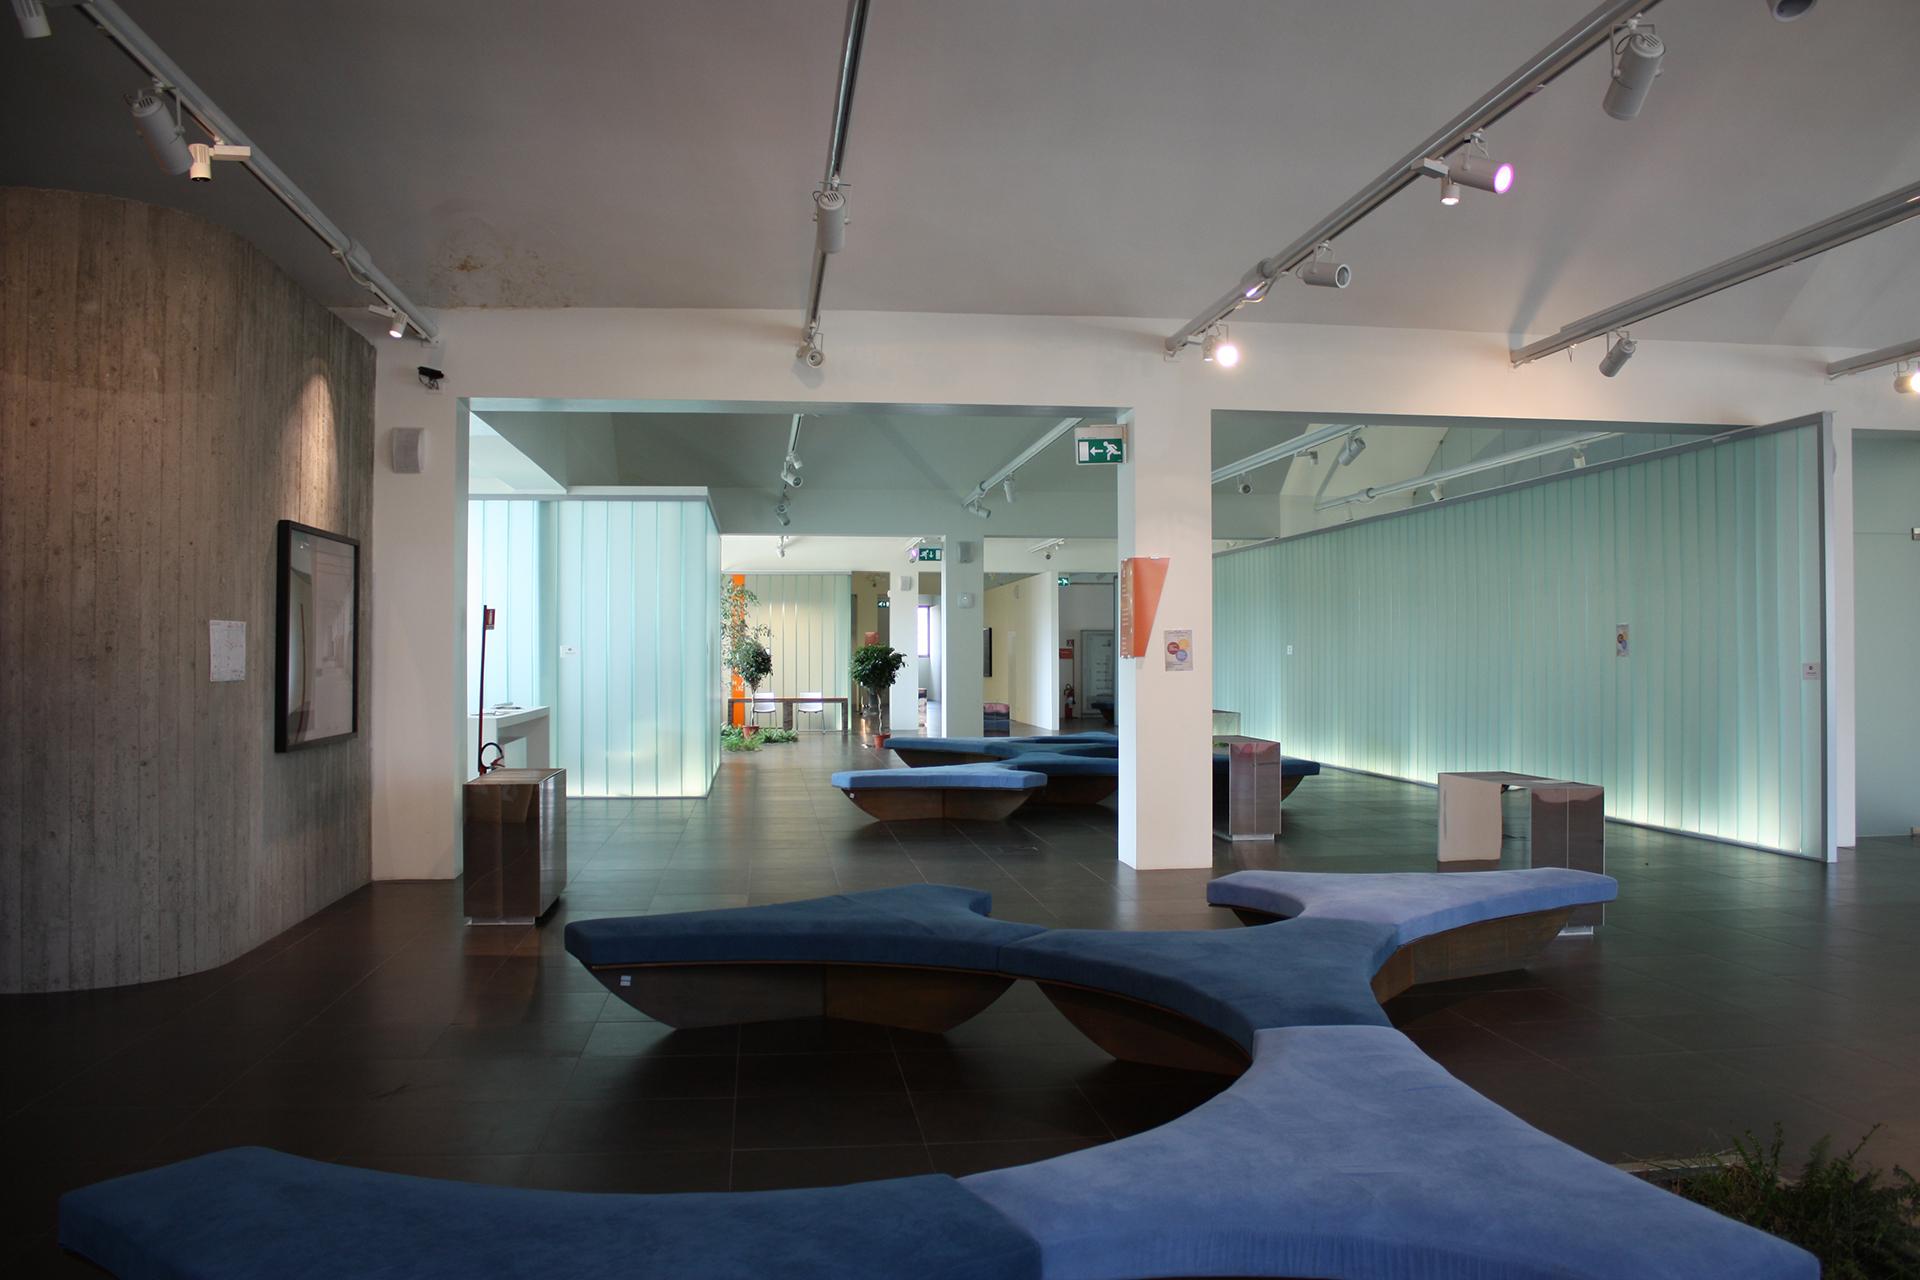 Progettazione e installazione scorrevoli per abitazioni uffici e attività commerciali GQ Glass